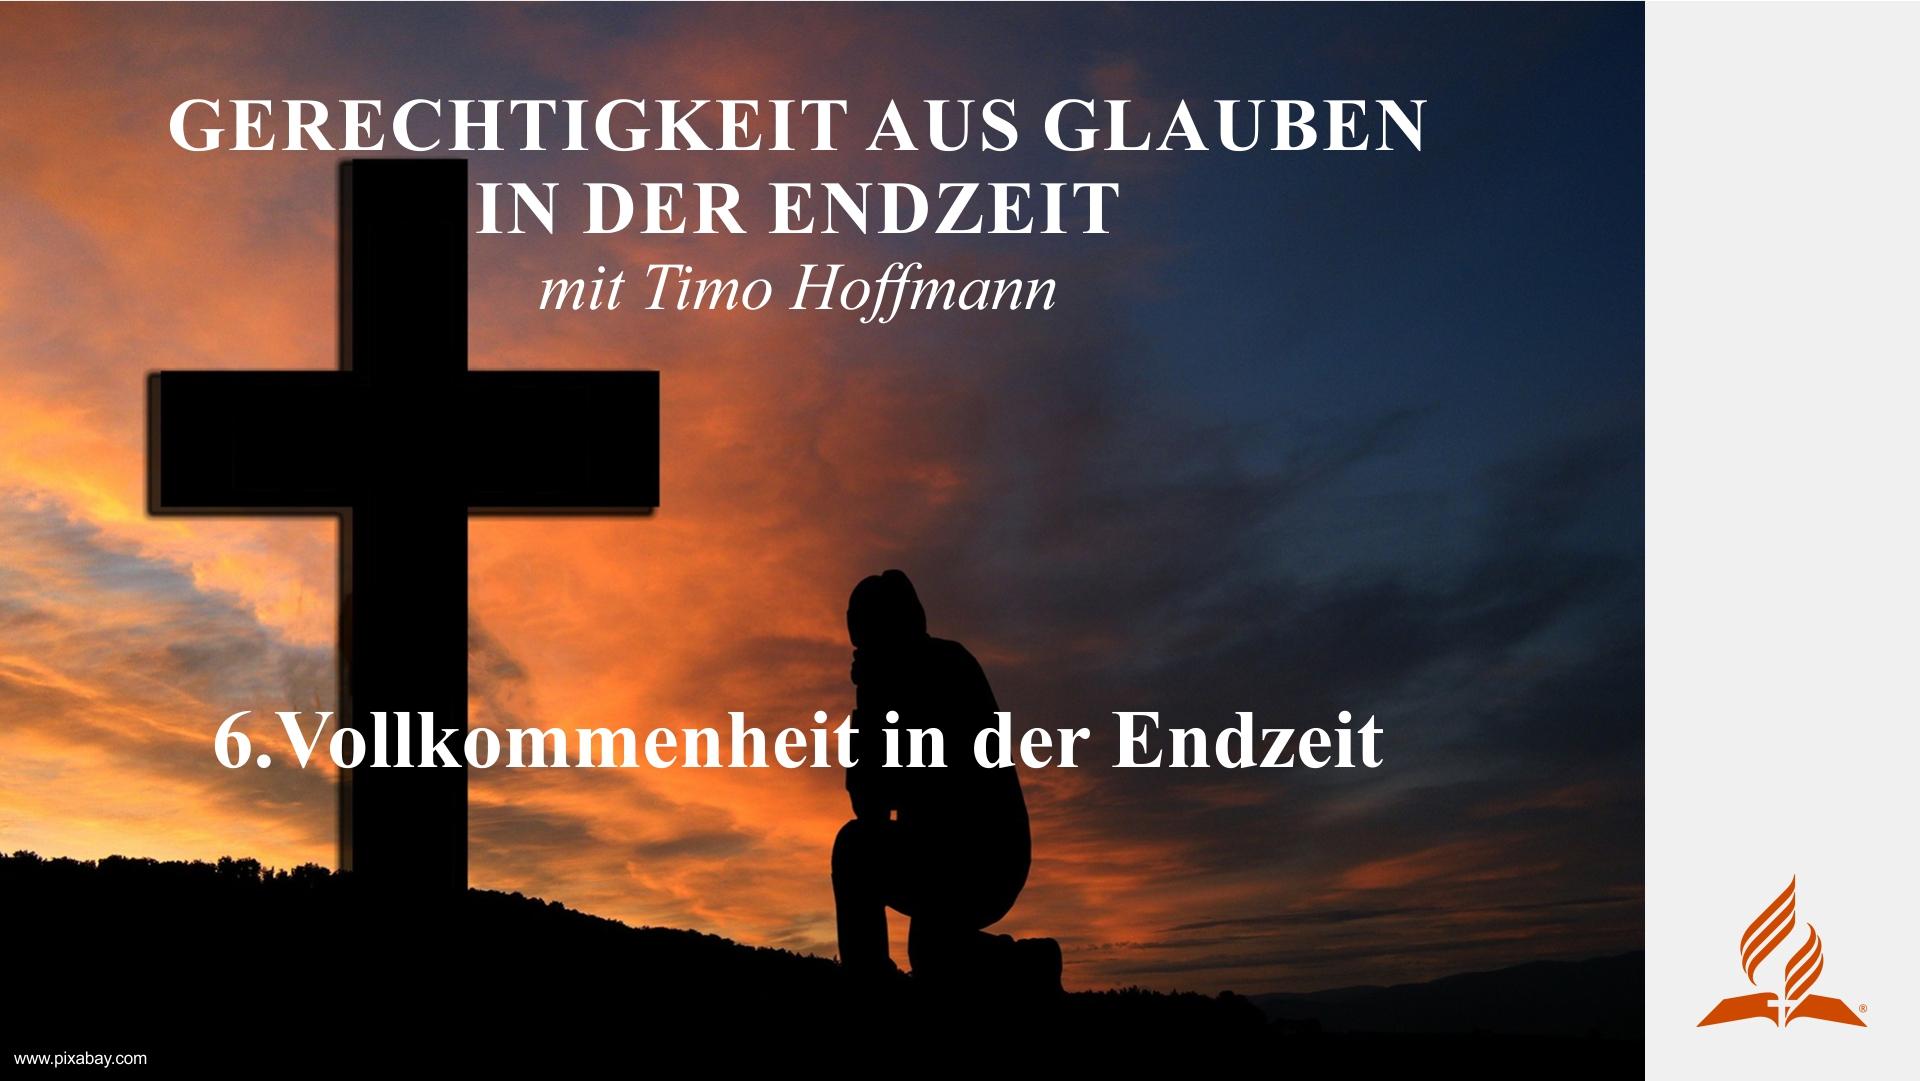 6.Vollkommenheit in der Endzeit – GERECHTIGKEIT AUS GLAUBEN IN DER ENDZEIT | Timo Hoffmann